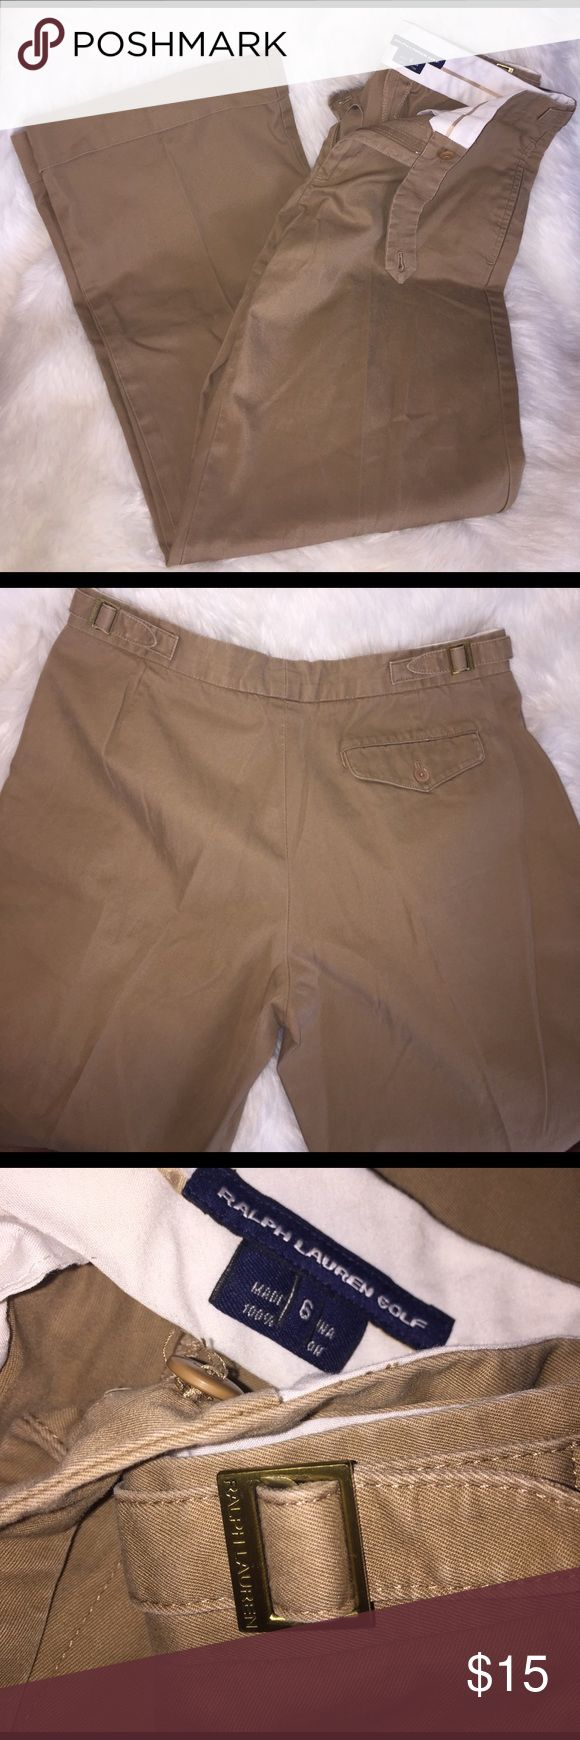 Women's Ralph Lauren Golf Pants Women's Ralph Lauren Golf Pants   Pleat down front, cuffed bottom   Size: 6  100% Cotton Ralph Lauren Golf Pants Trousers